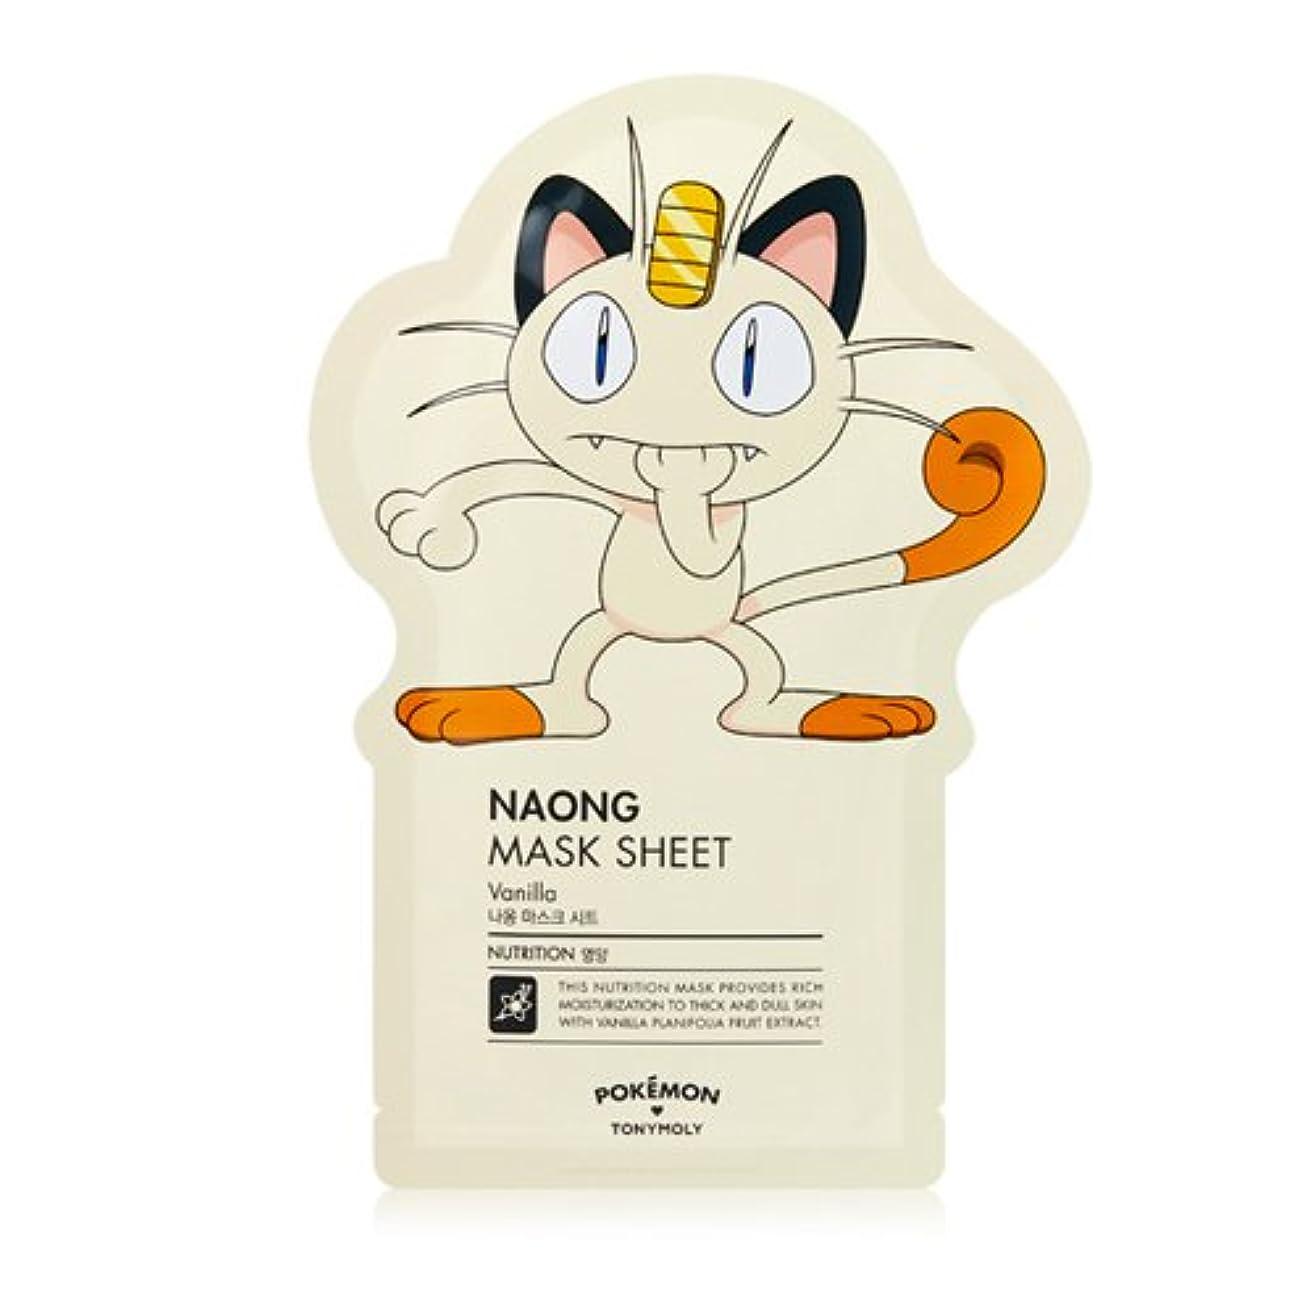 囚人関係ぞっとするような(6 Pack) TONYMOLY x Pokemon Meowth/Naong Mask Sheet (並行輸入品)